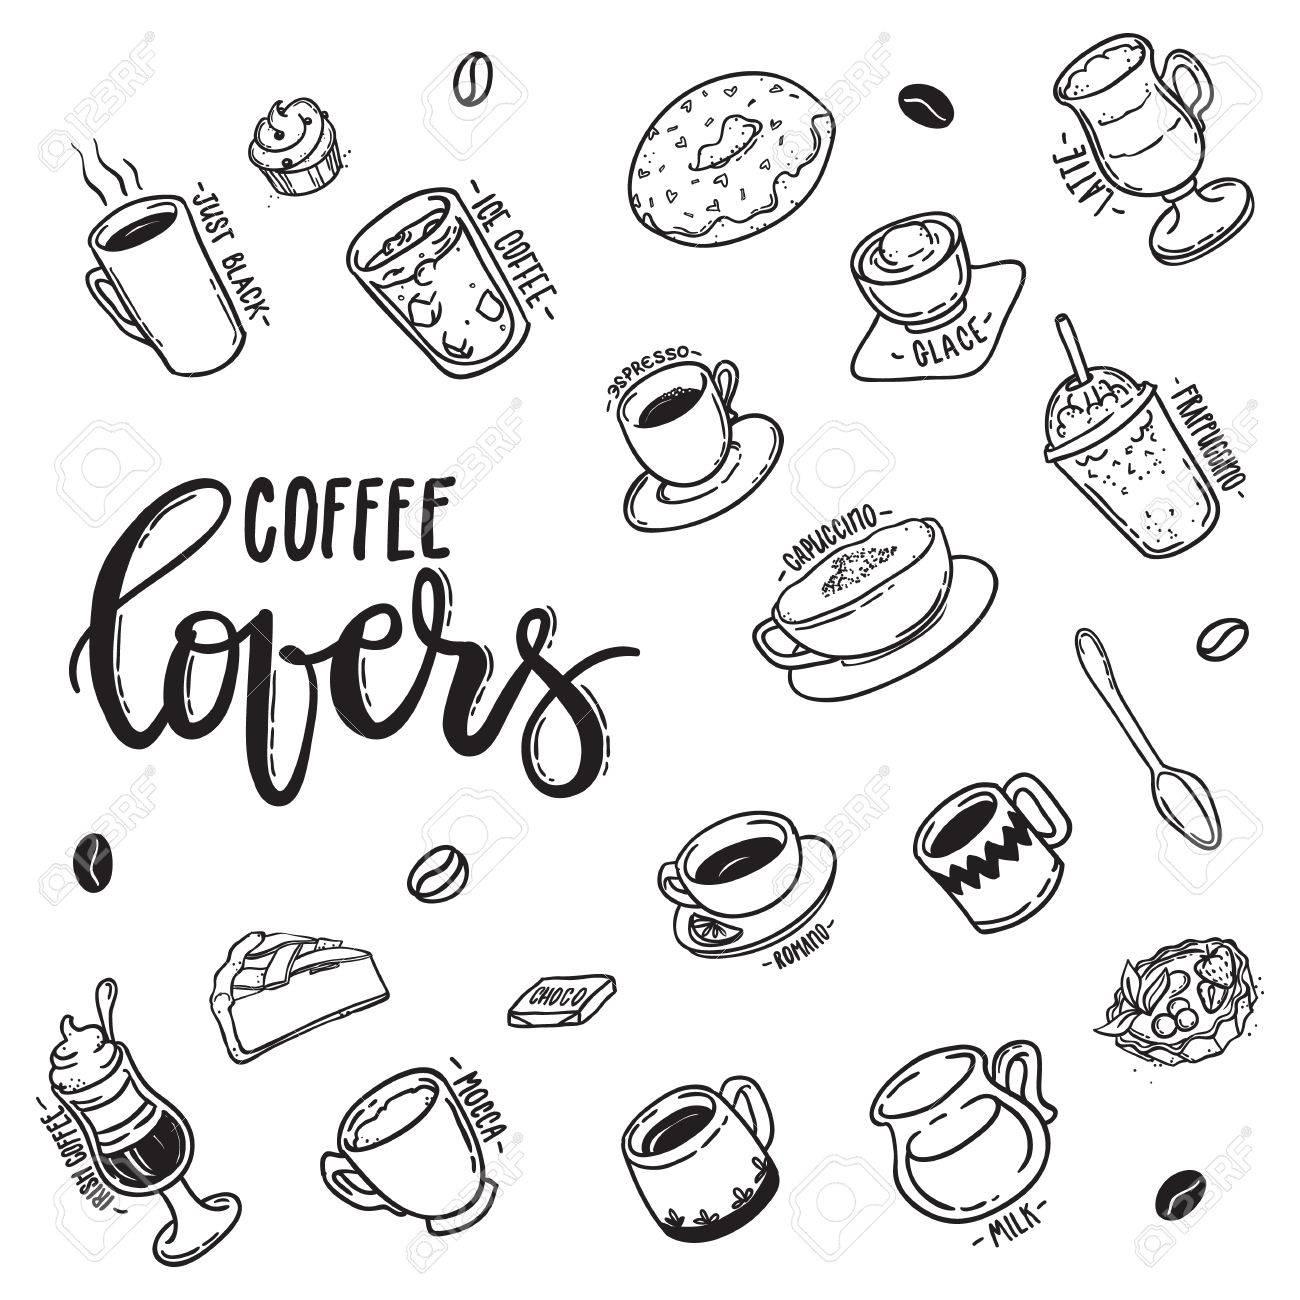 Vettoriale Modello Degli Amanti Del Caffe Dell Iscrizione